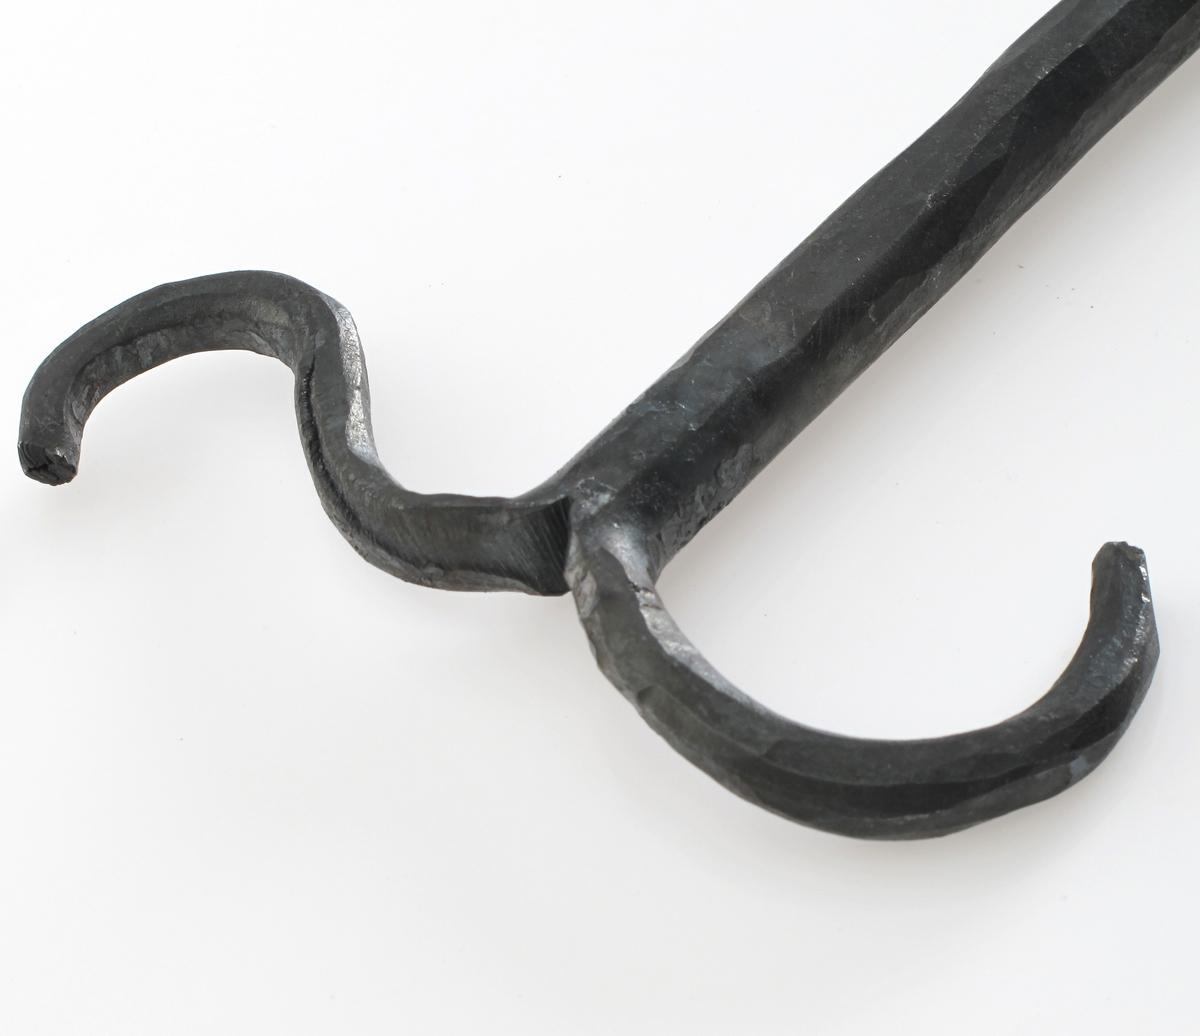 """Rund bøyle som passer rundt en hals, med to lange  """"armer""""  med kroker i enden. Kan låses rundt halsen."""